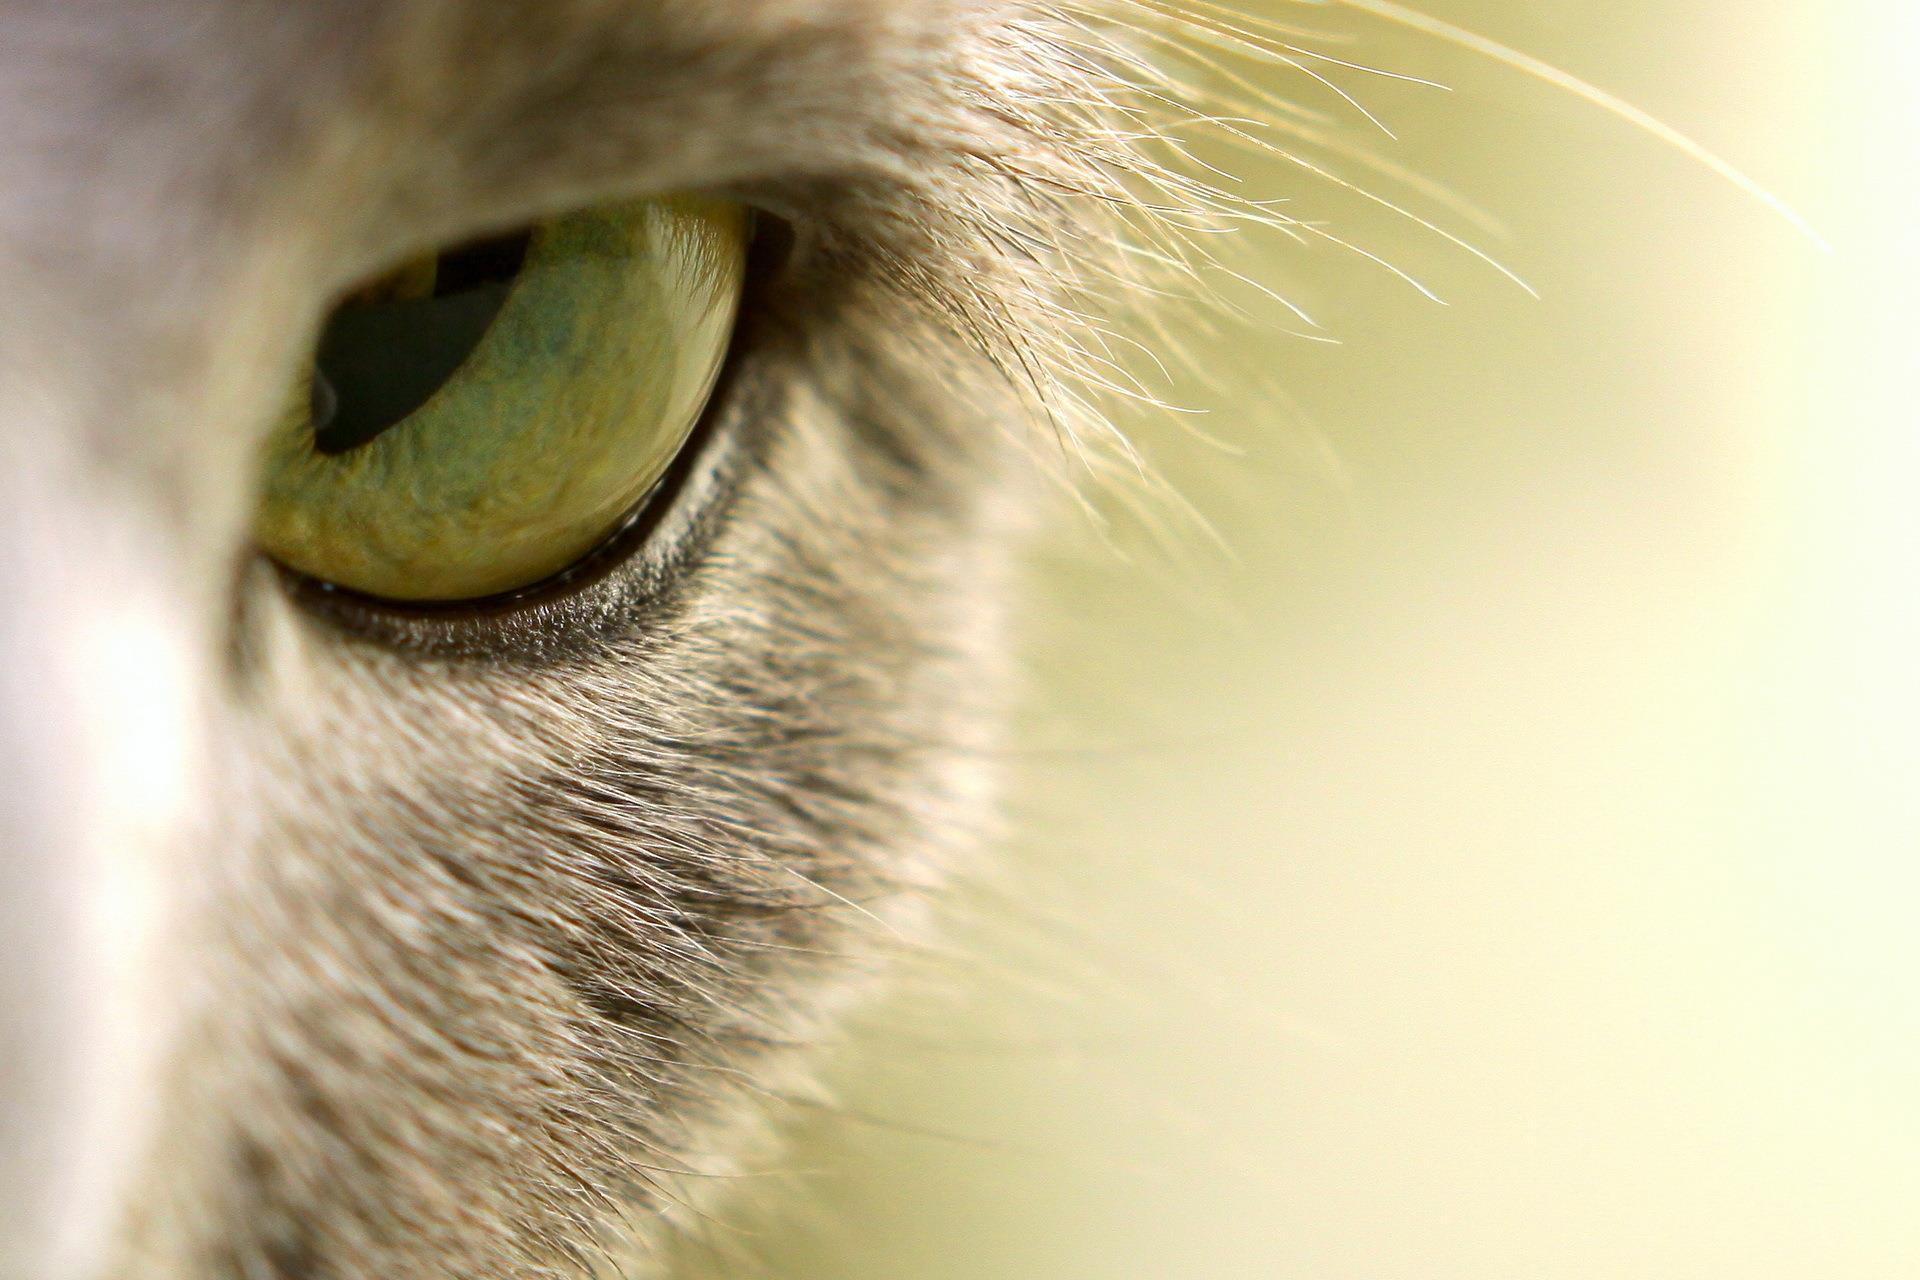 oeil_animaux-domestiques_grand_format-du-jour_20